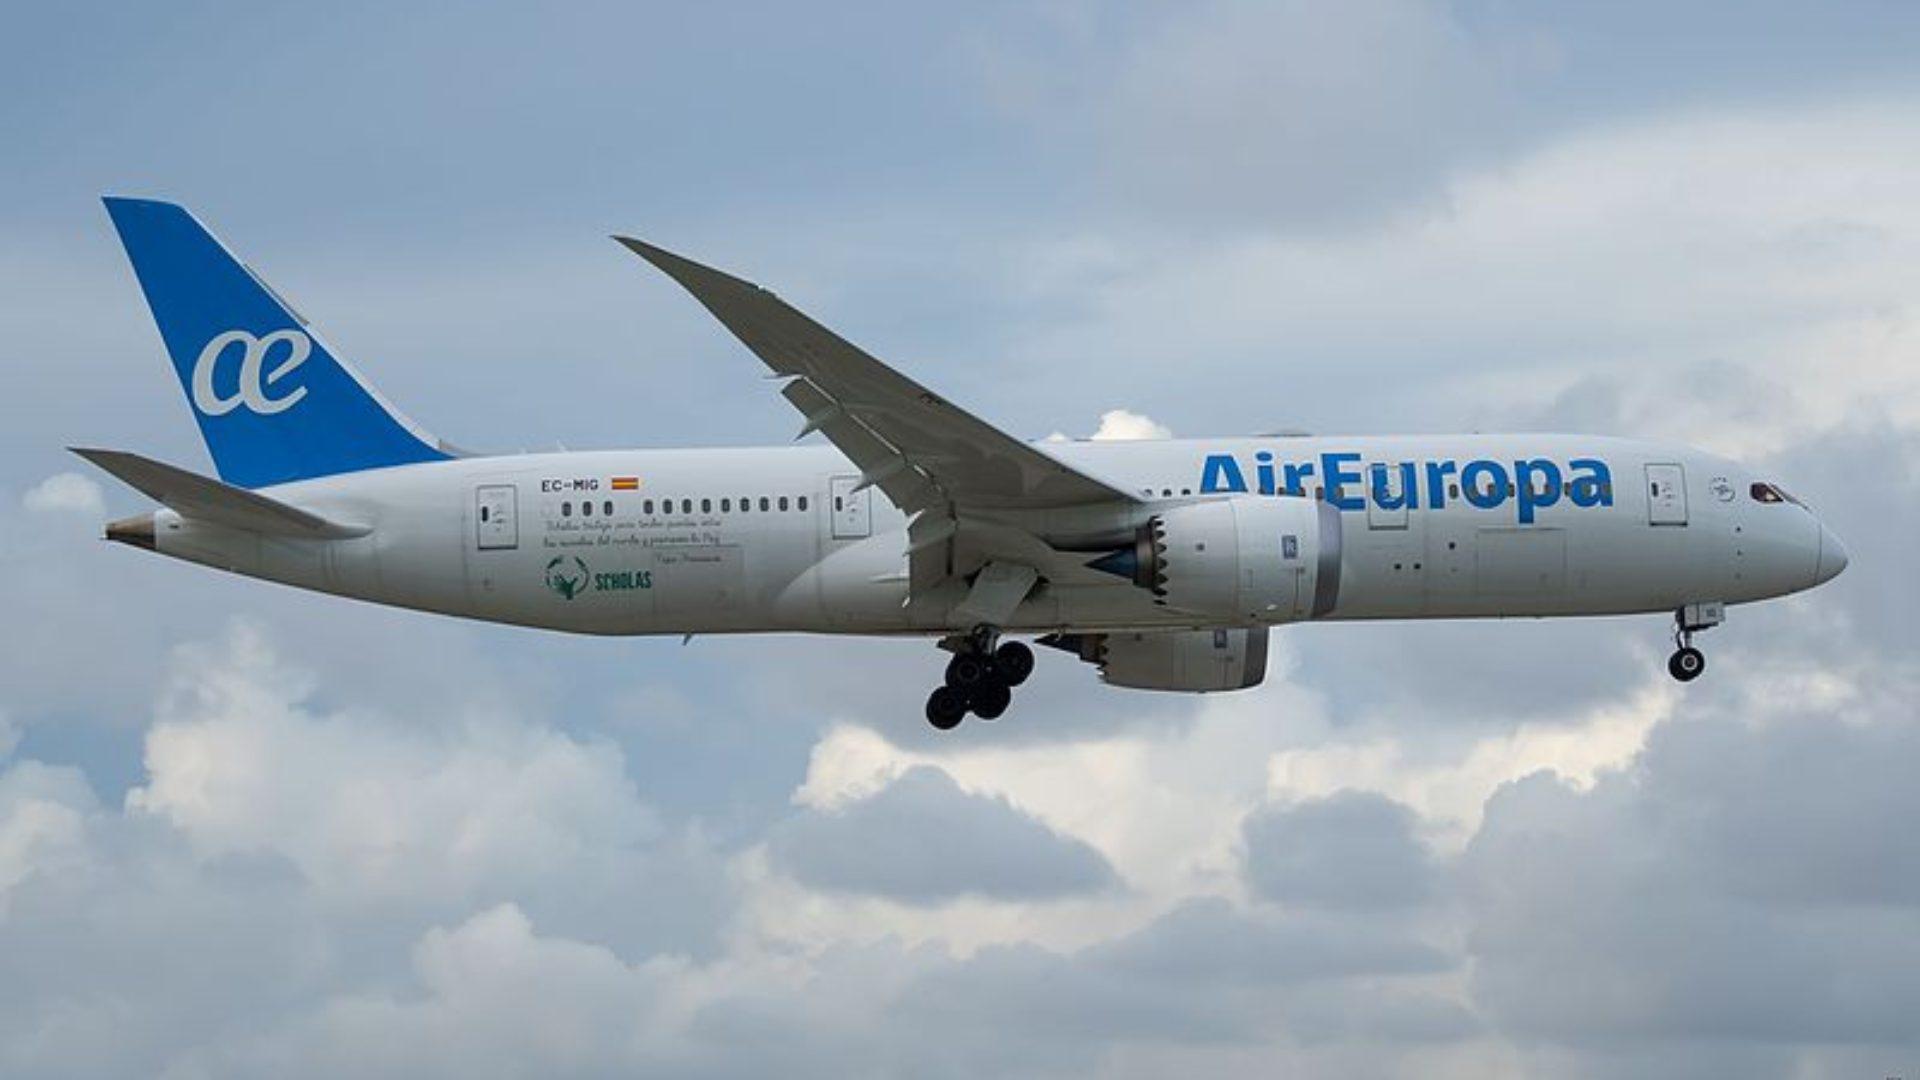 Air Europa Boeing 787